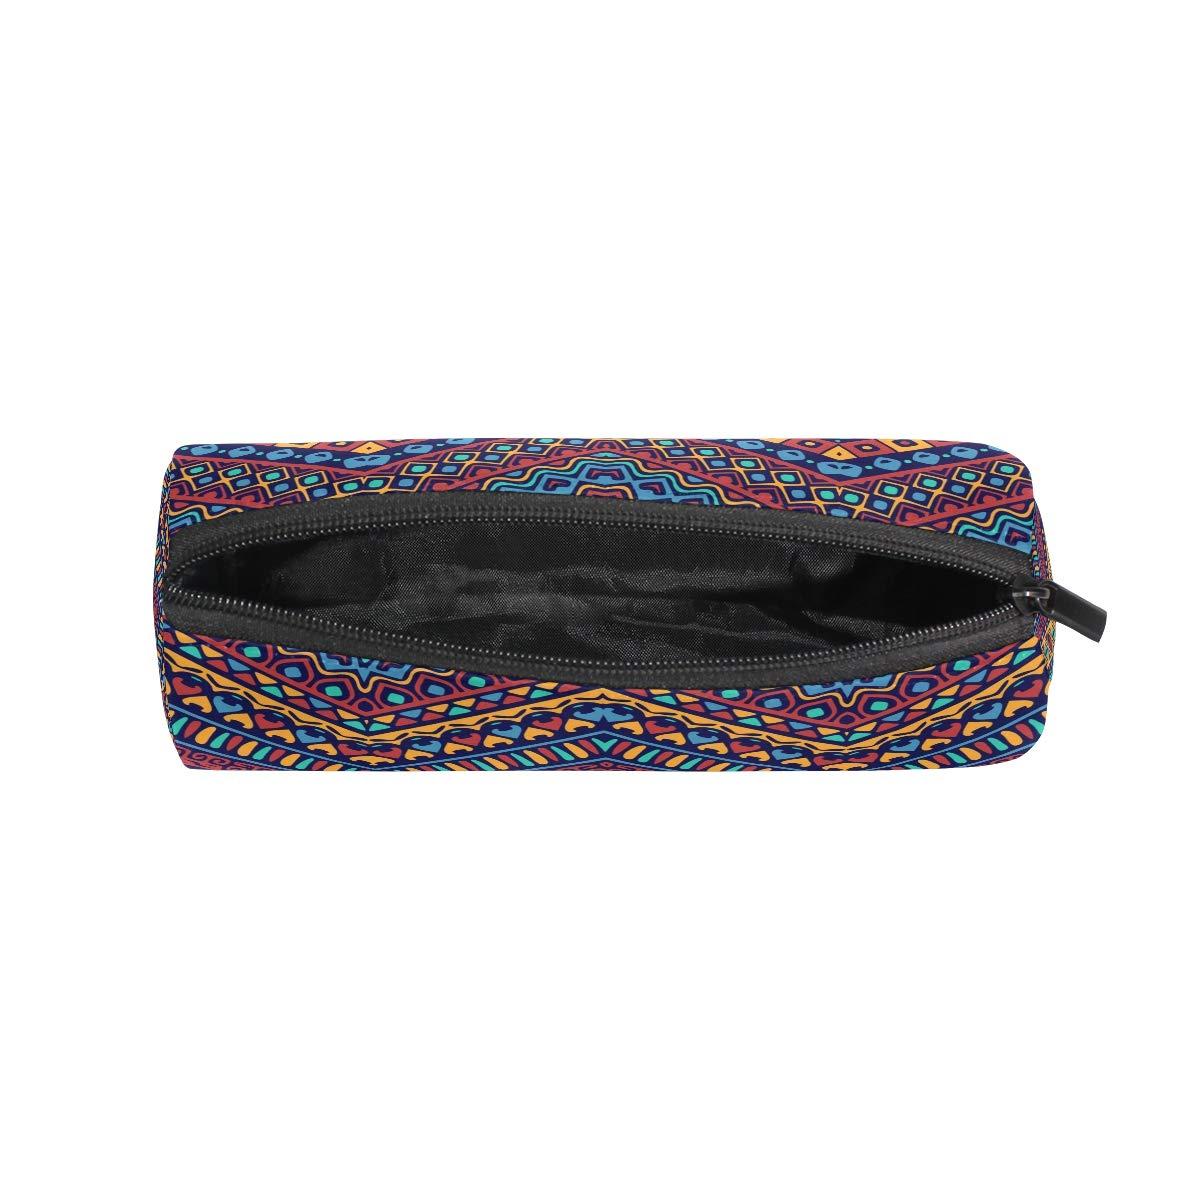 BONIPE - Estuche para lápices, diseño geométrico de bohemio étnico africano, bolsa de papelería escolar con cremallera, bolsa de maquillaje: Amazon.es: Oficina y papelería